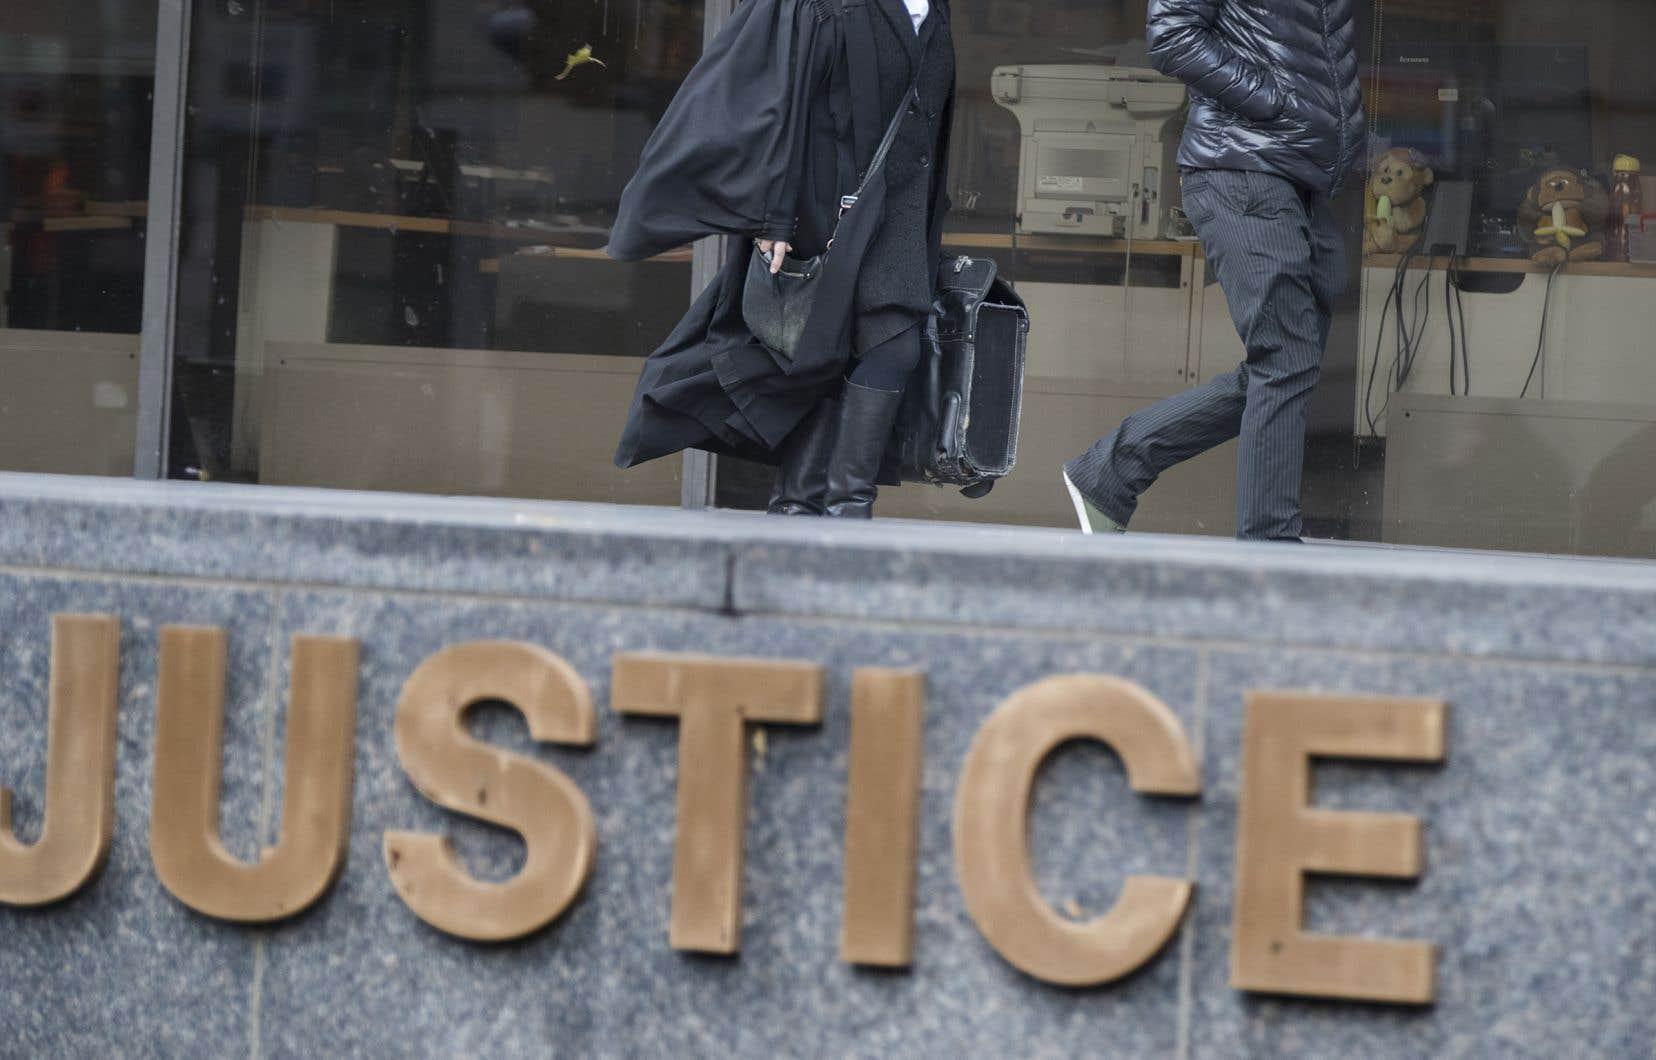 Le 15juillet dernier, le juge Paul Chevalier, de la Cour du Québec, a imposé au policier Yannick Levac une peine de probation de 18 mois et 150heures de travaux communautaires.